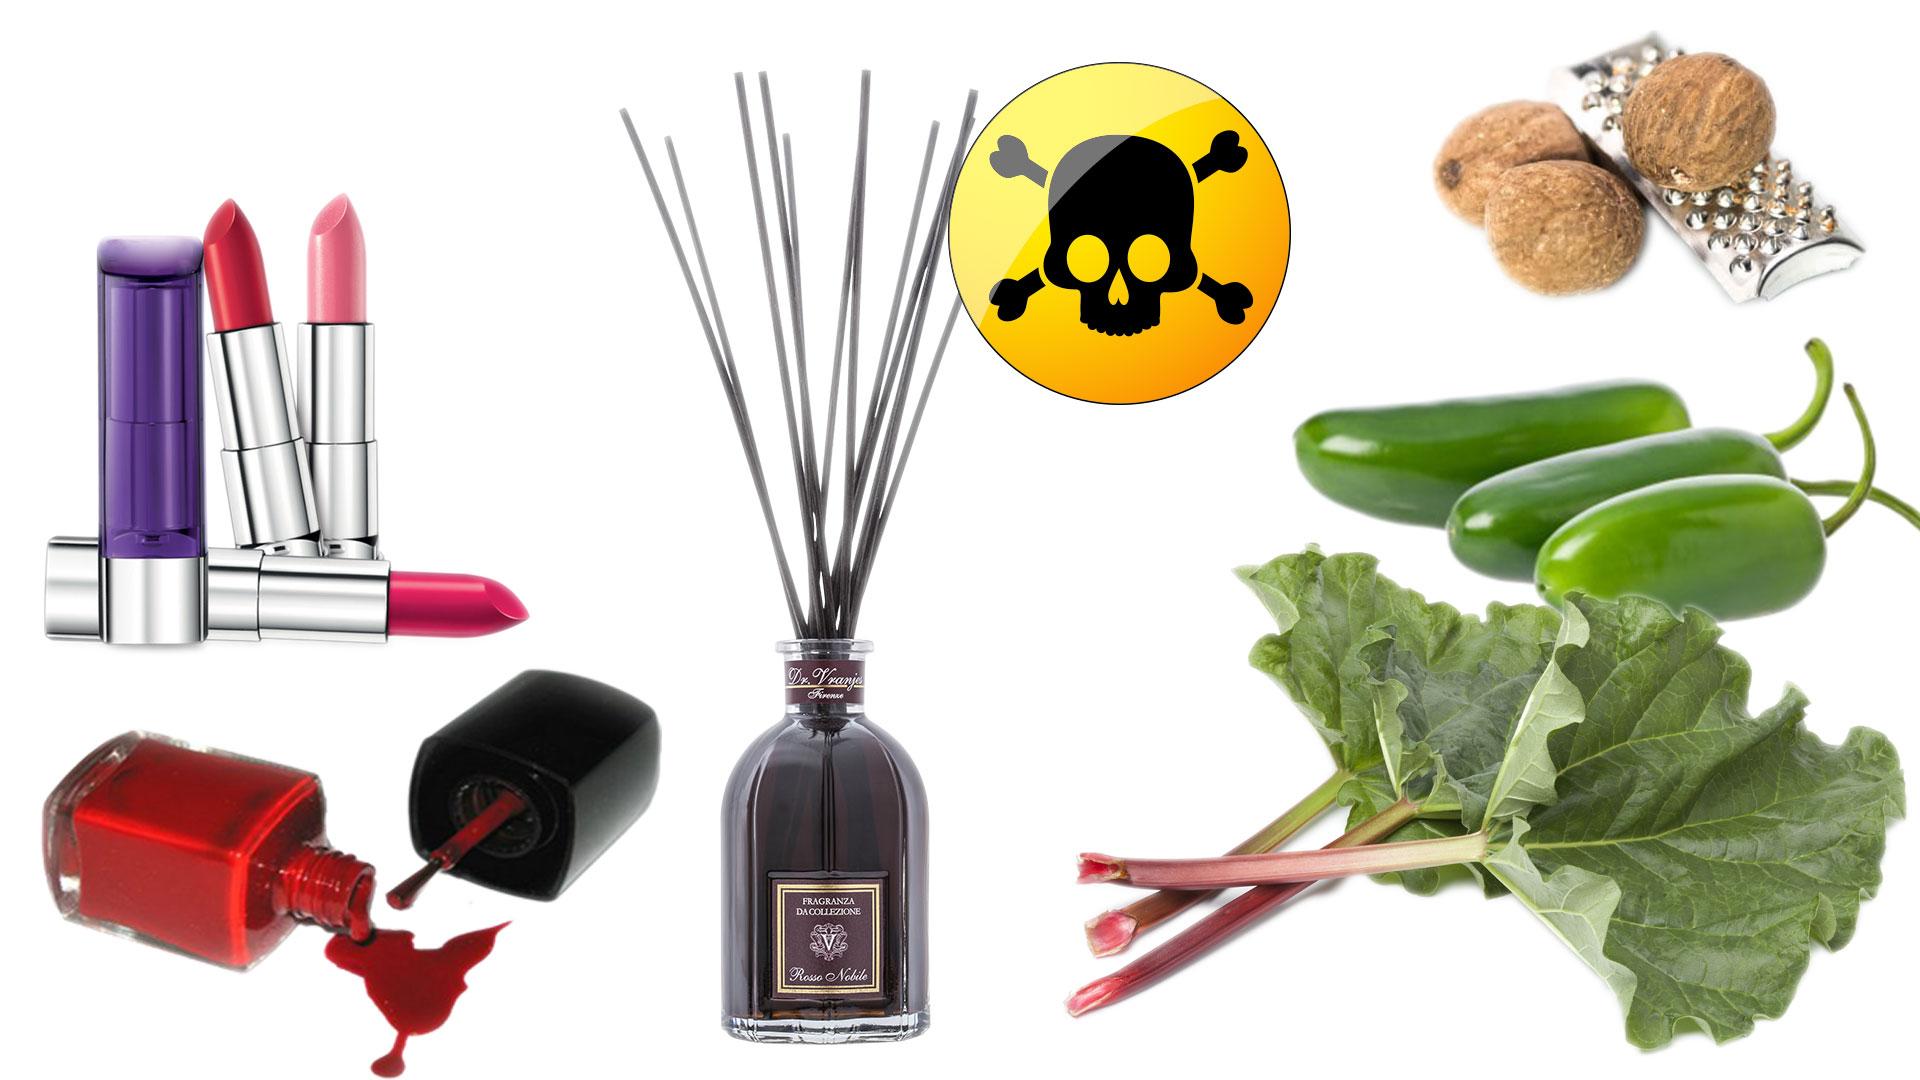 10 cose che possono ucciderci